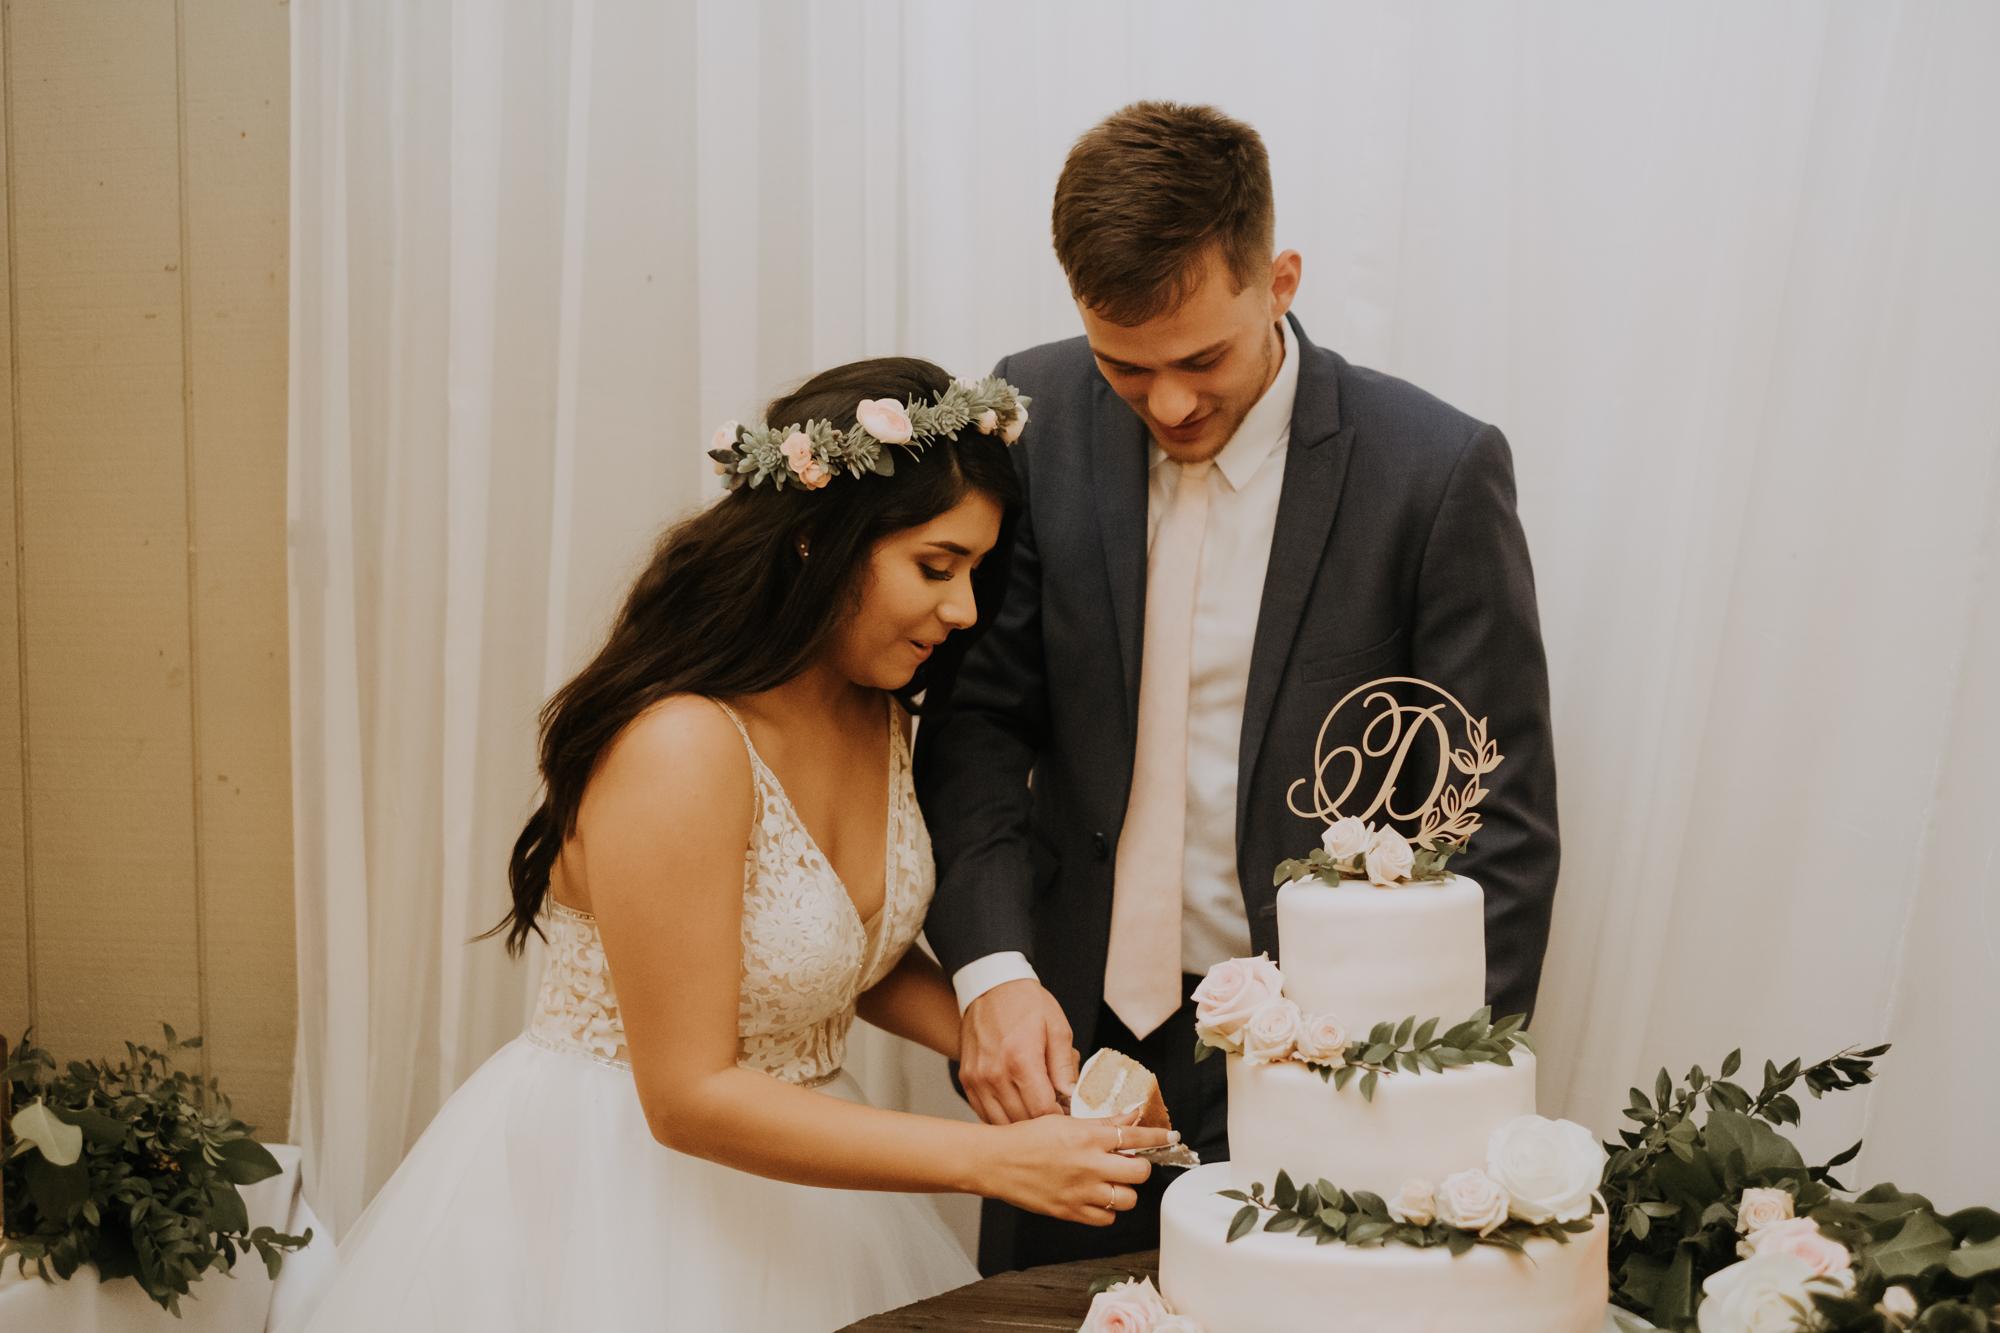 cake cutting | elegant white and gold cake | cutting the cake | elegant boho cake